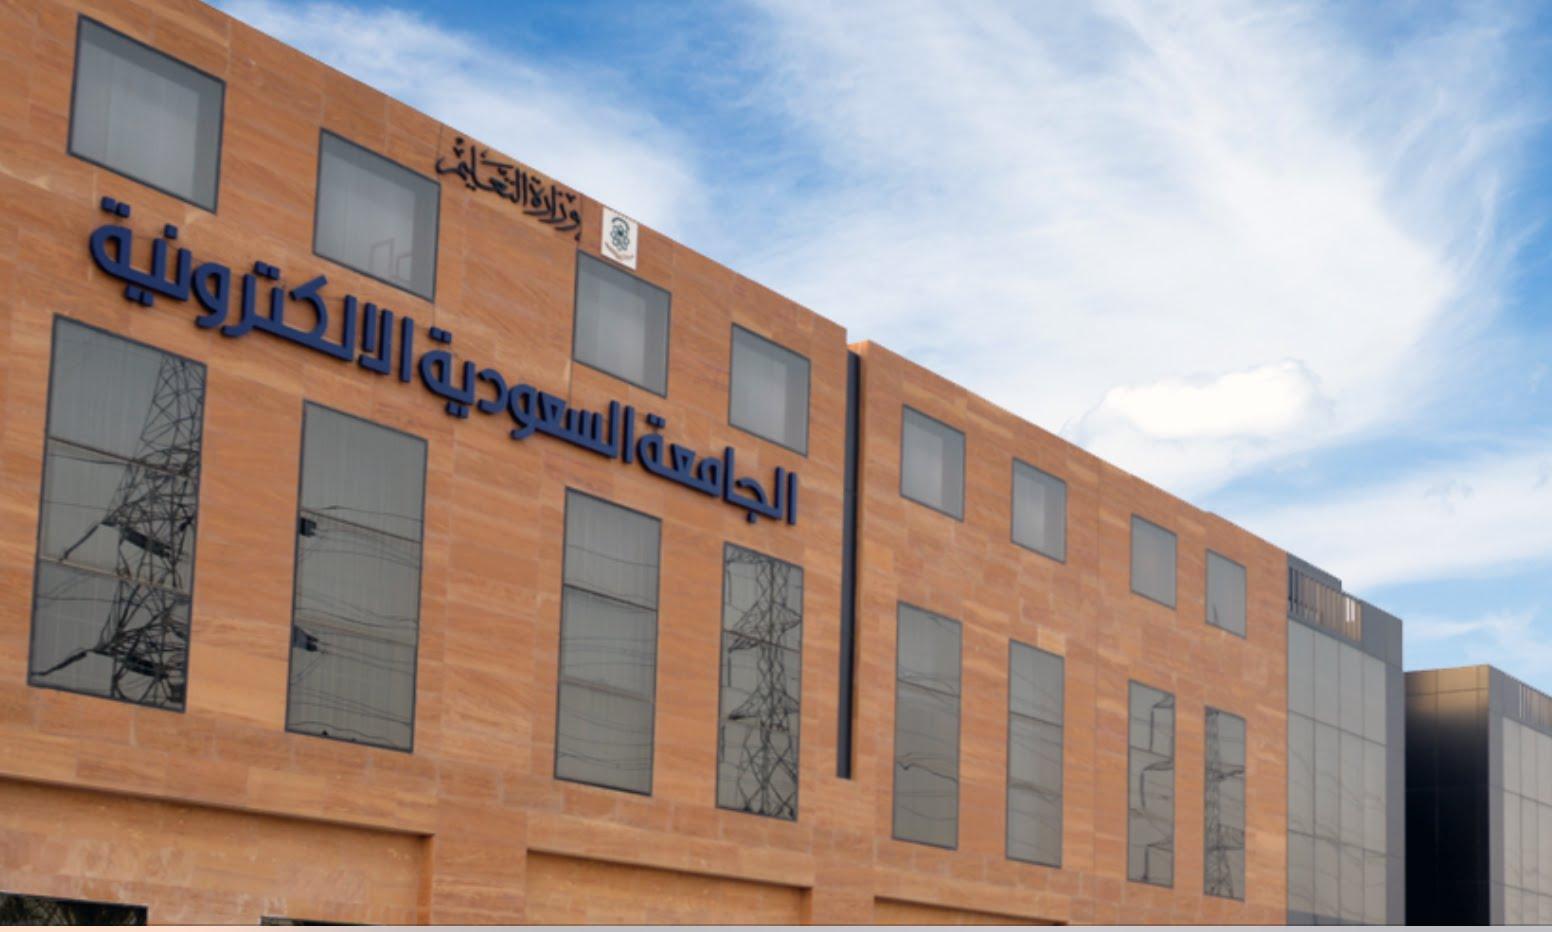 صور نبذة عن التعليم الإلكتروني بالجامعة السعودية 2017 video الجامعة-السعودية-1.j